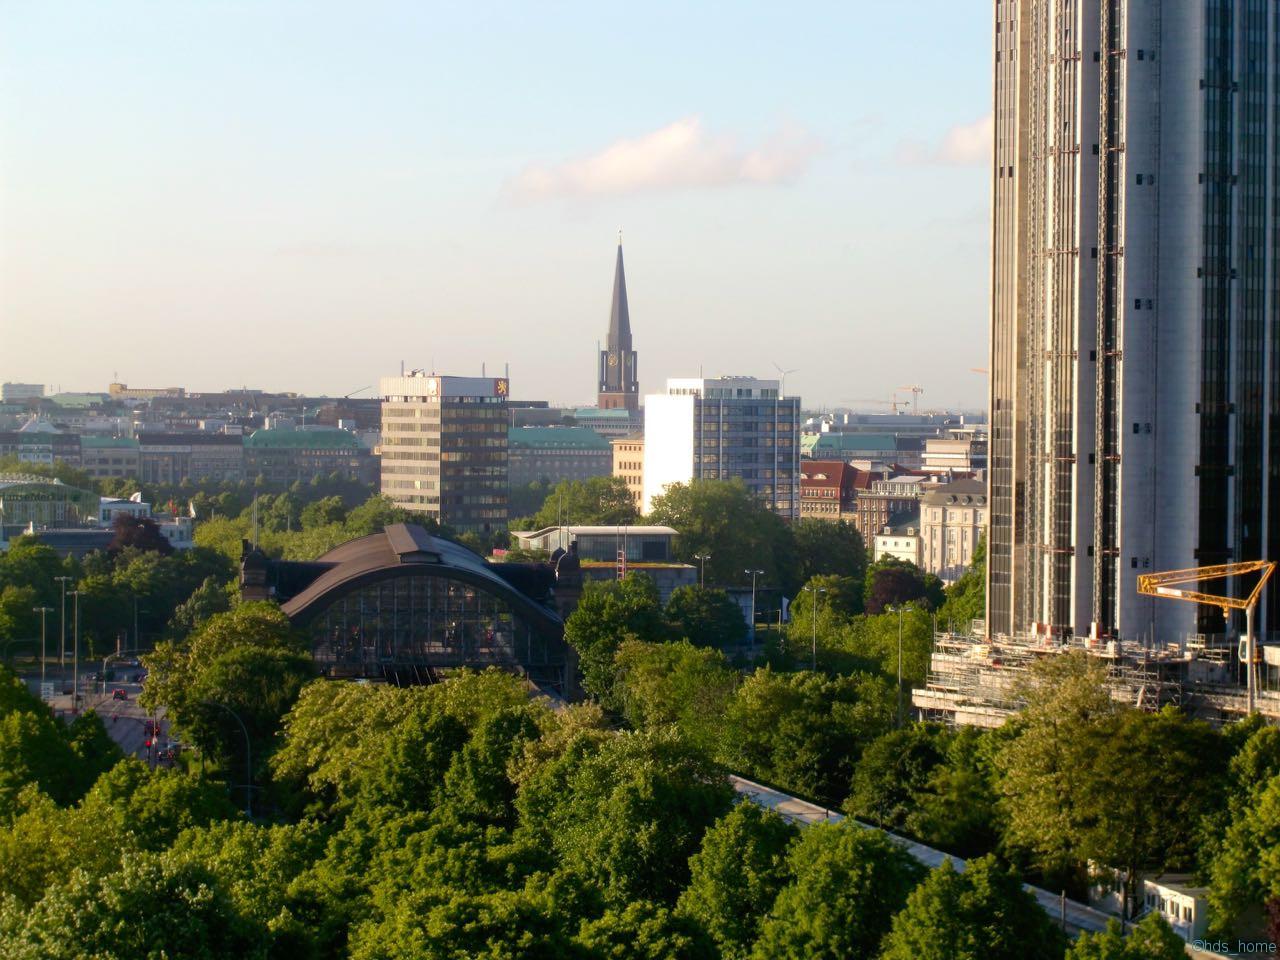 Vom Dach der SUB Hamburg, Nikon D7000, iPhoto, Sättigung geändert